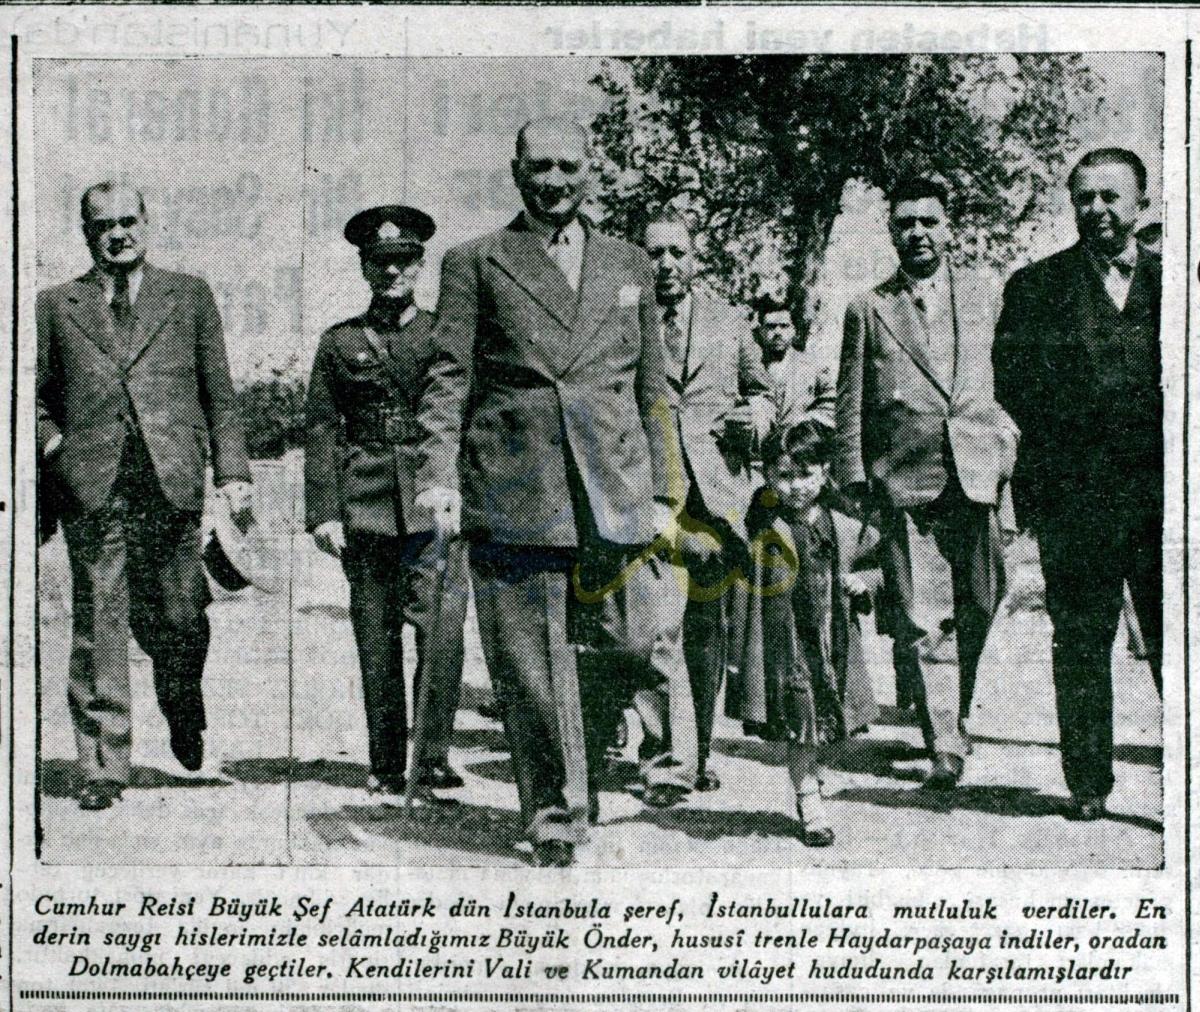 Atatürk Fenerbahçe'de